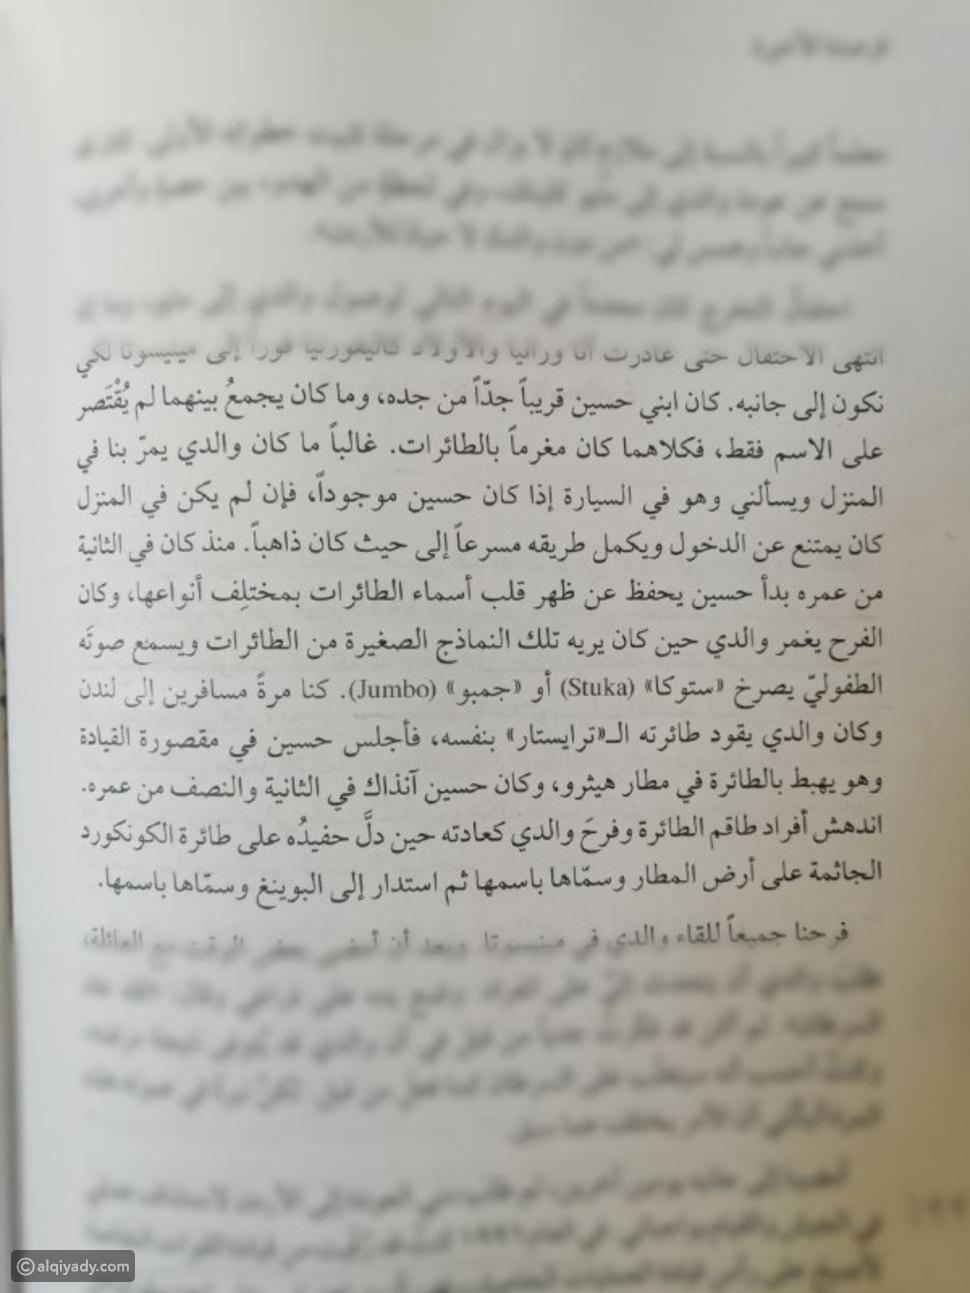 الأمير الحسين: قصة حب مع الطائرات بدأت منذ سن الثانية